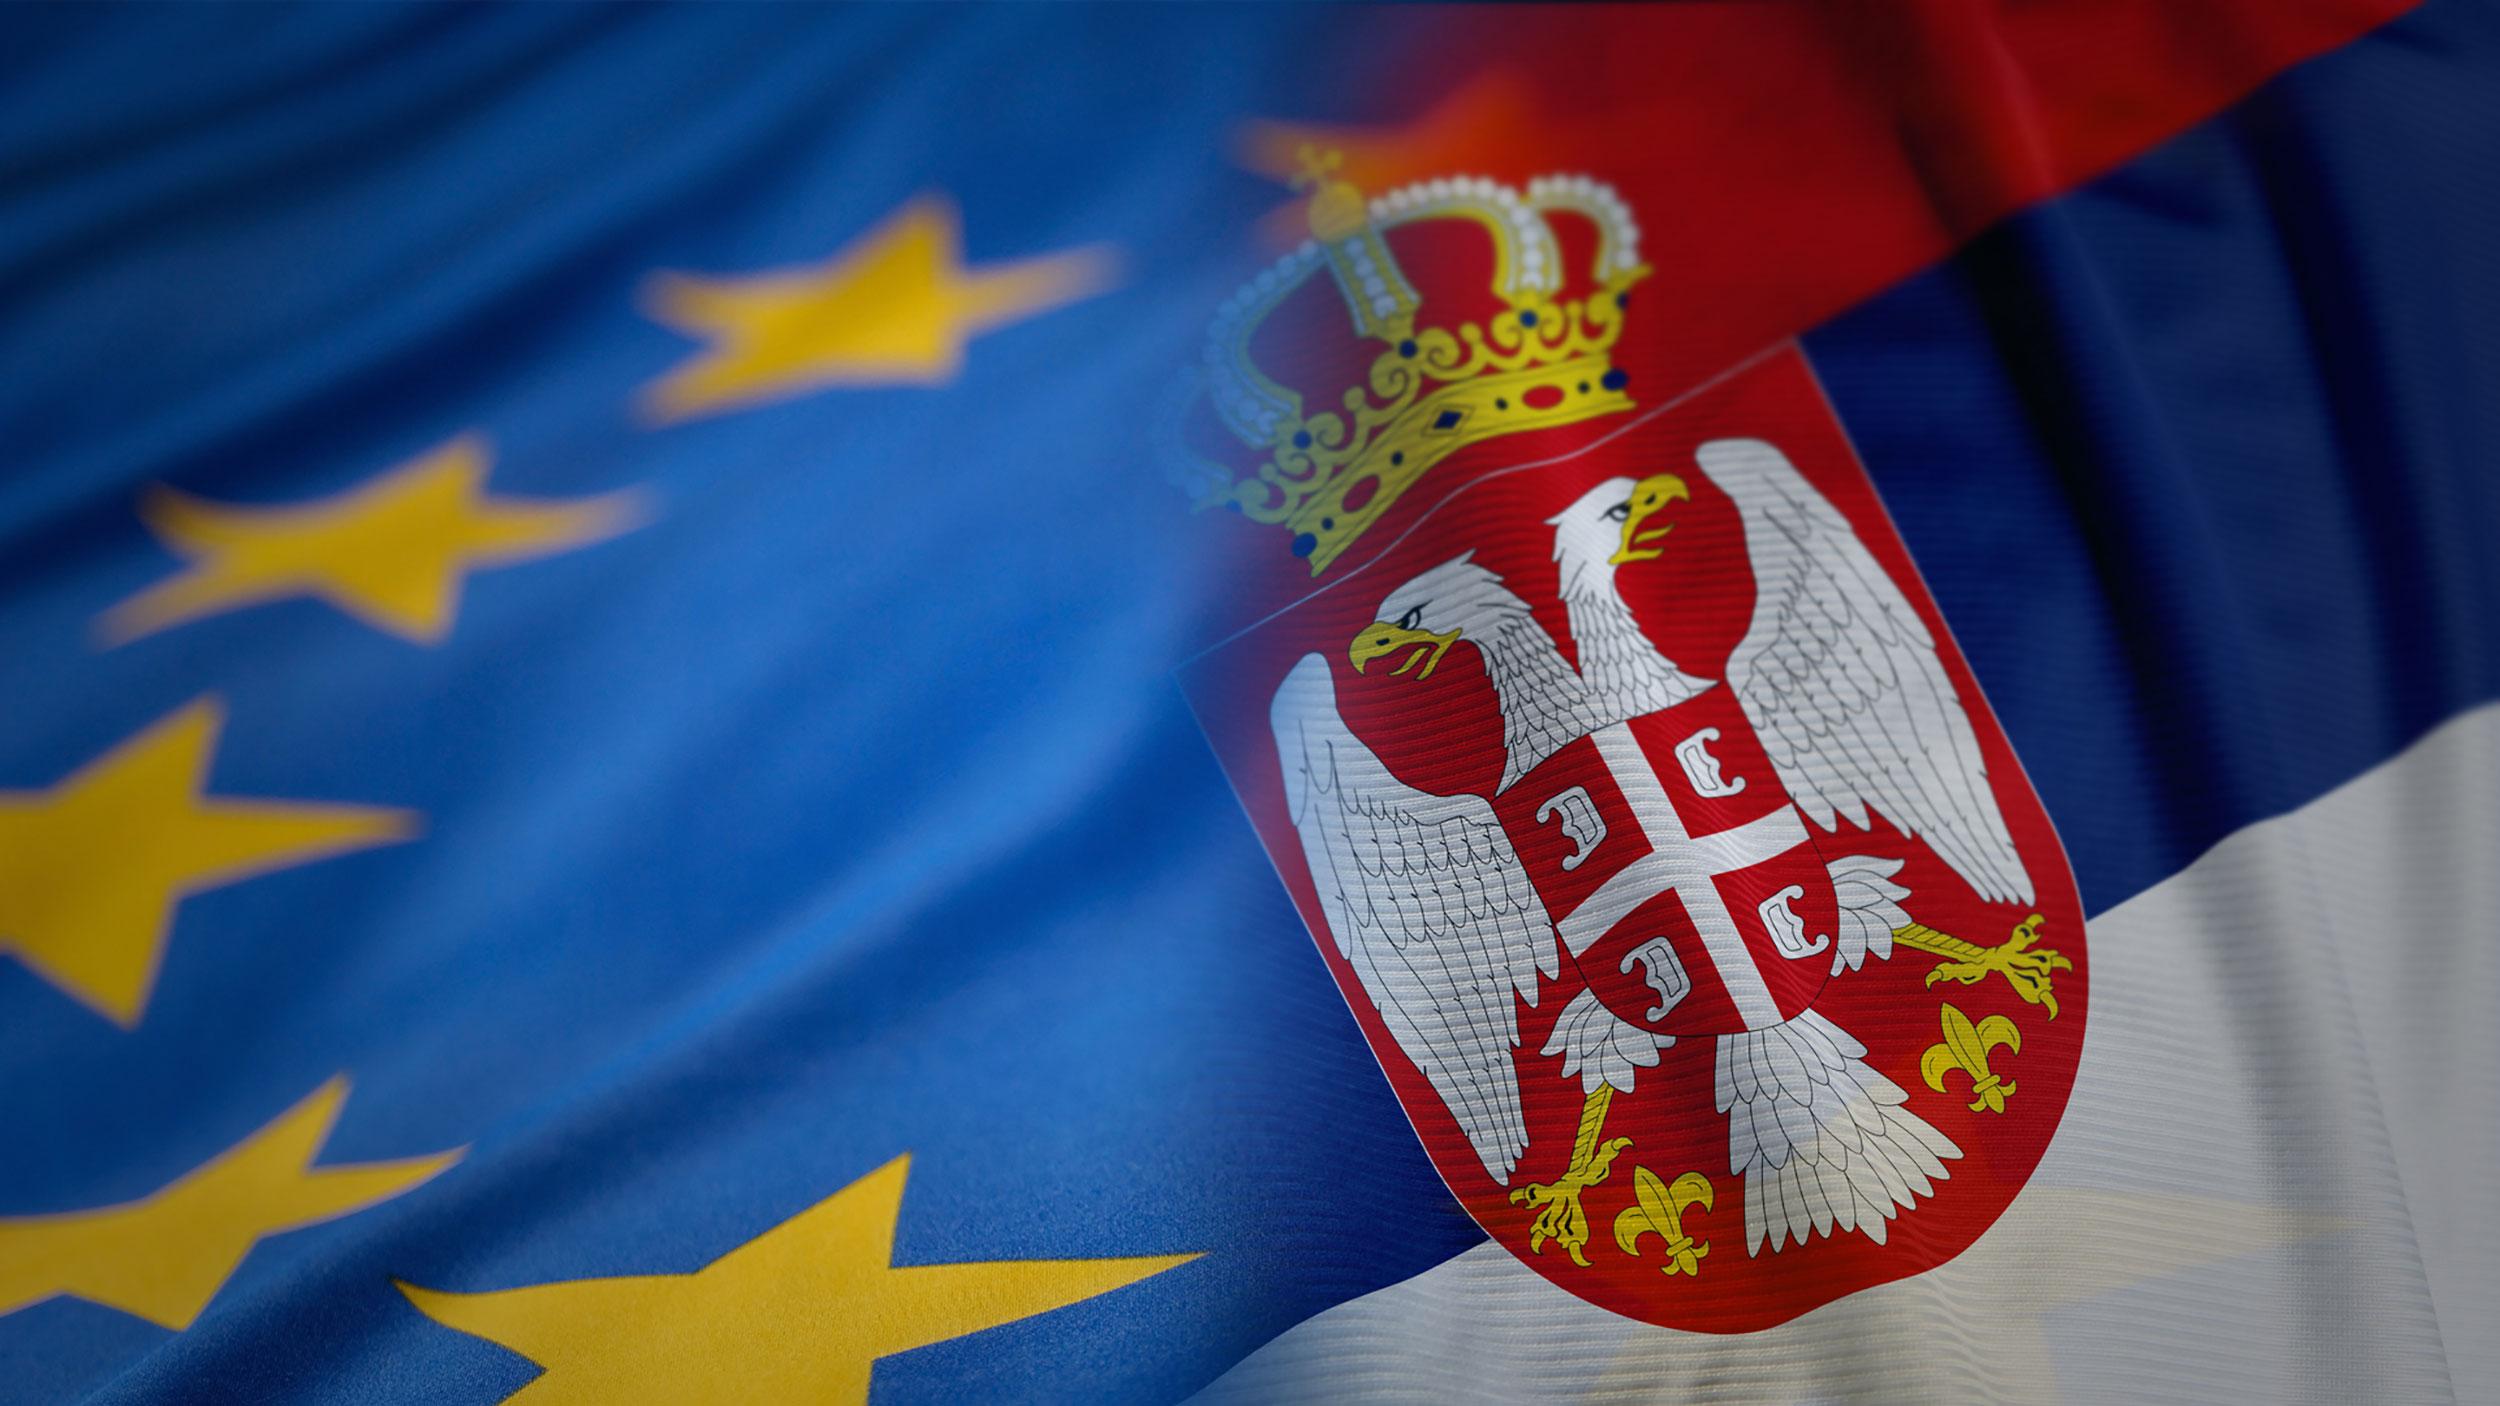 Mali: Srbija spremna da bude članica EU po pitanju ekonomije